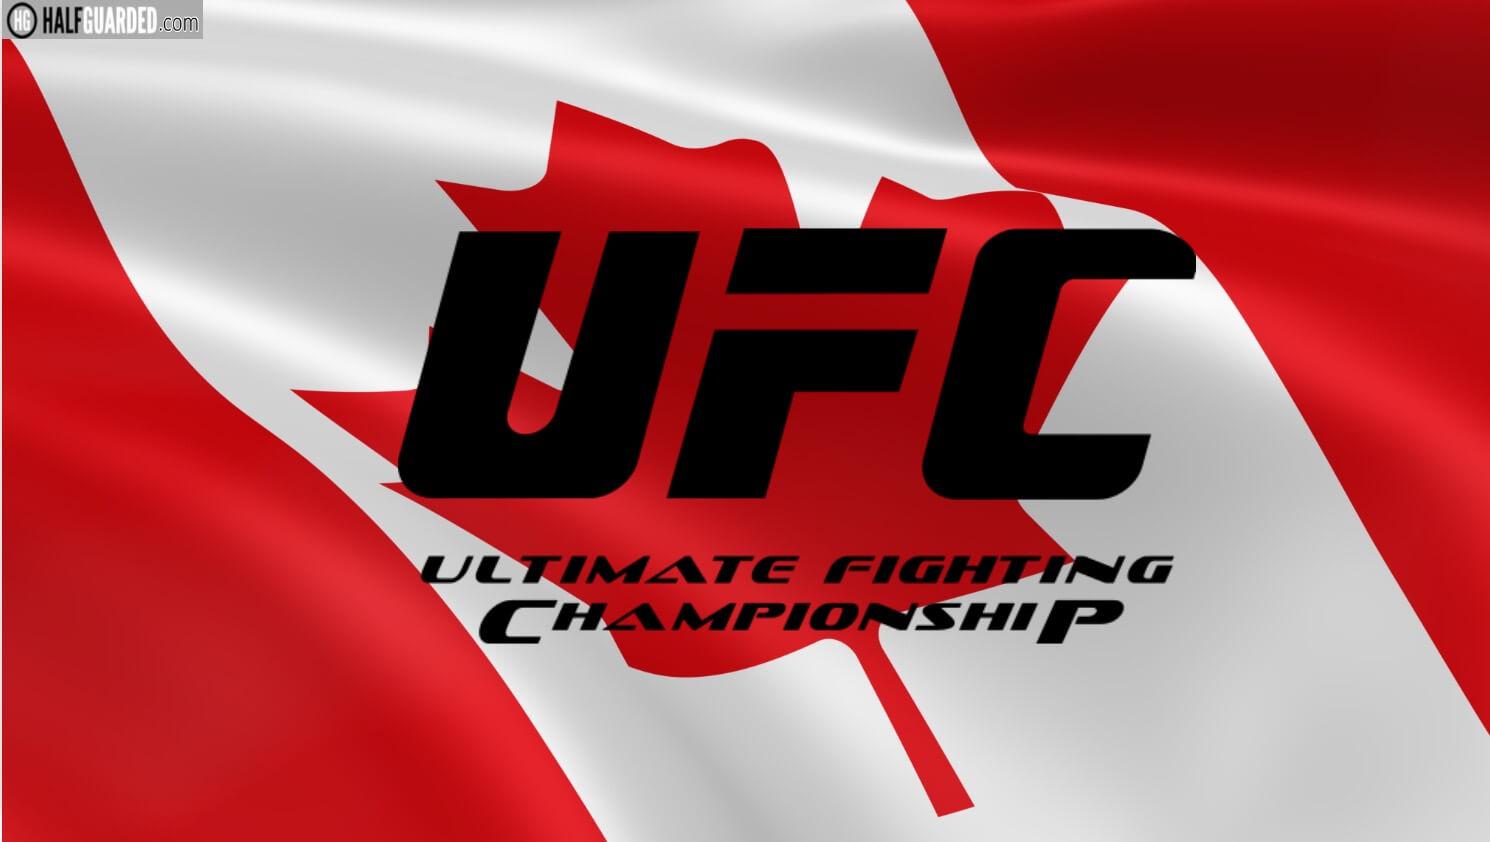 Ufc Canada